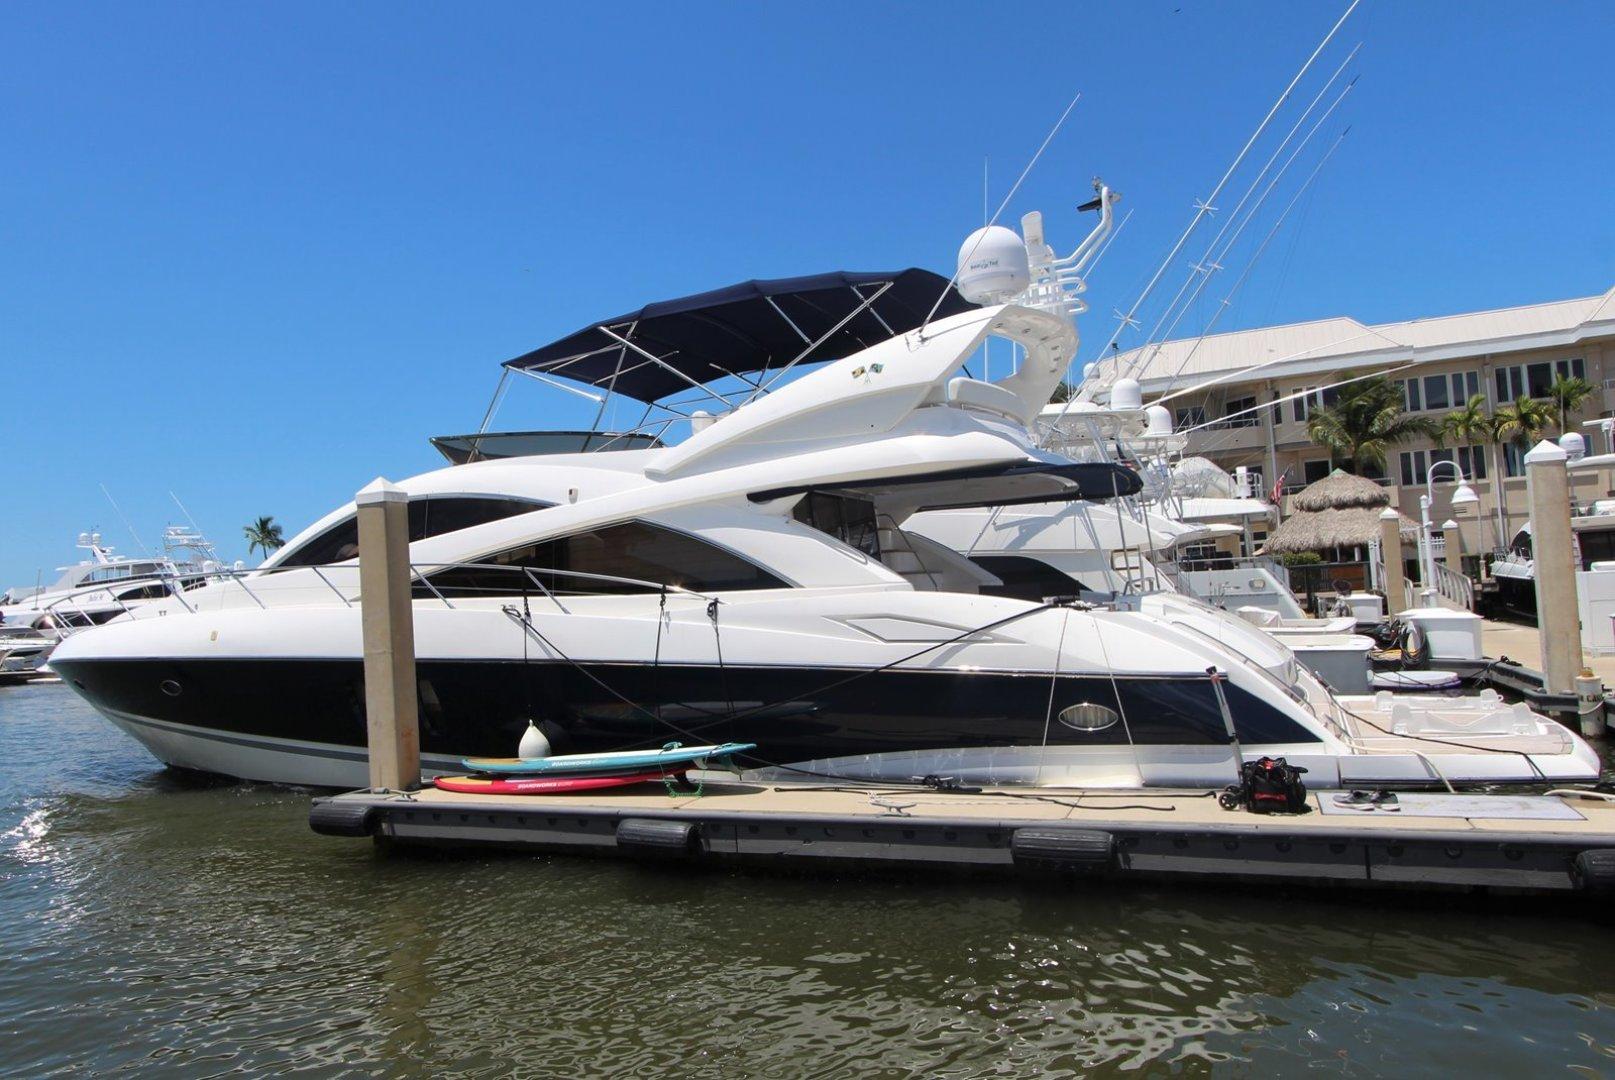 Sunseeker-MANHATTAN 66 2006 -Dania Beach-Florida-United States-1506221   Thumbnail